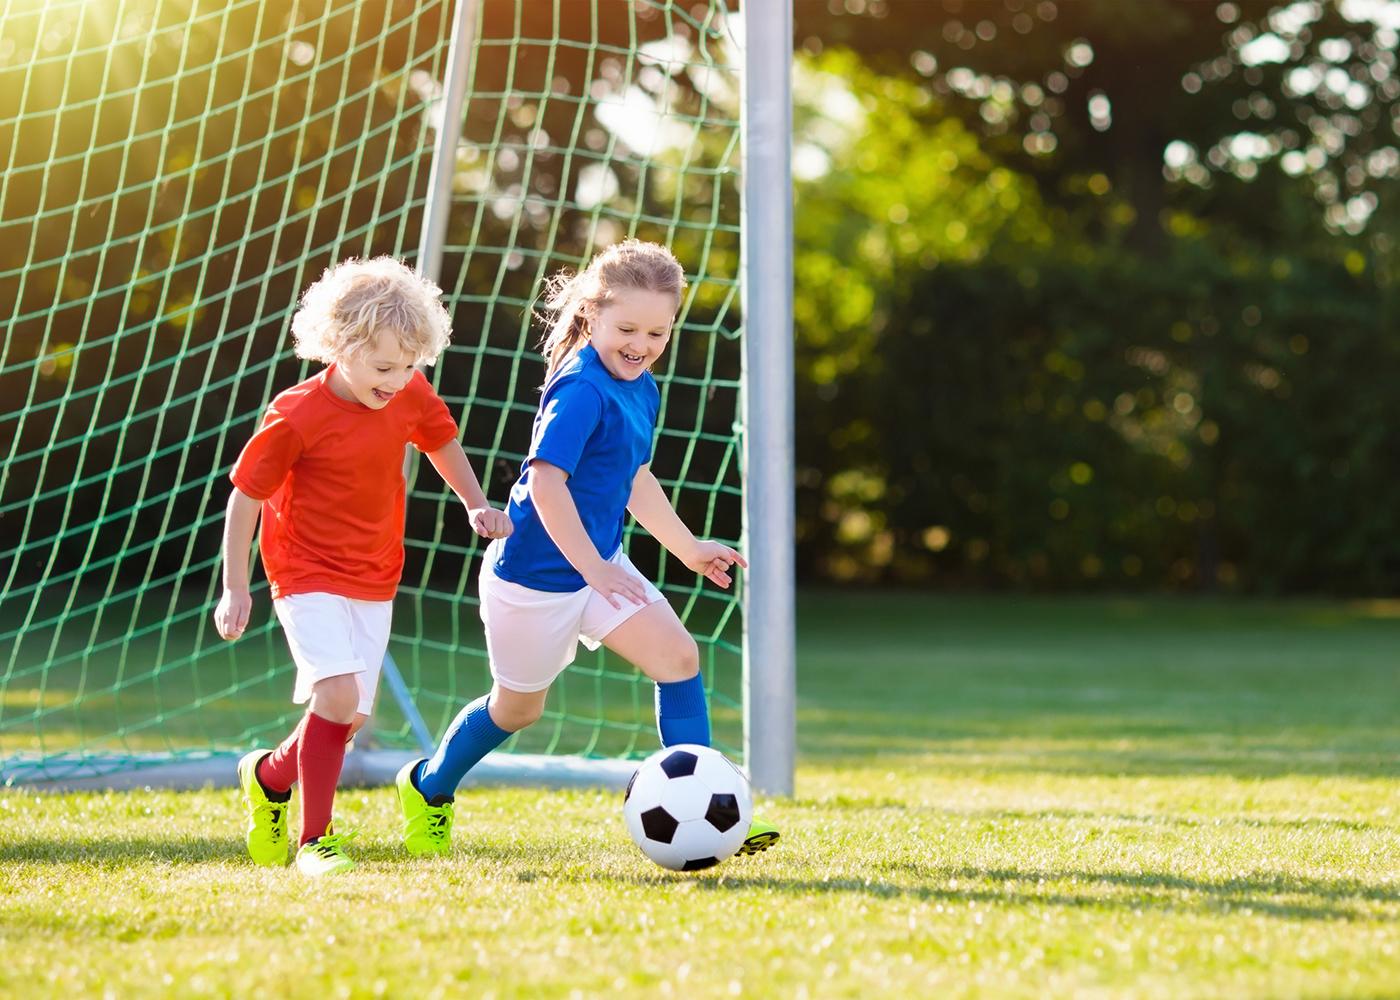 crianças a jogar futebol